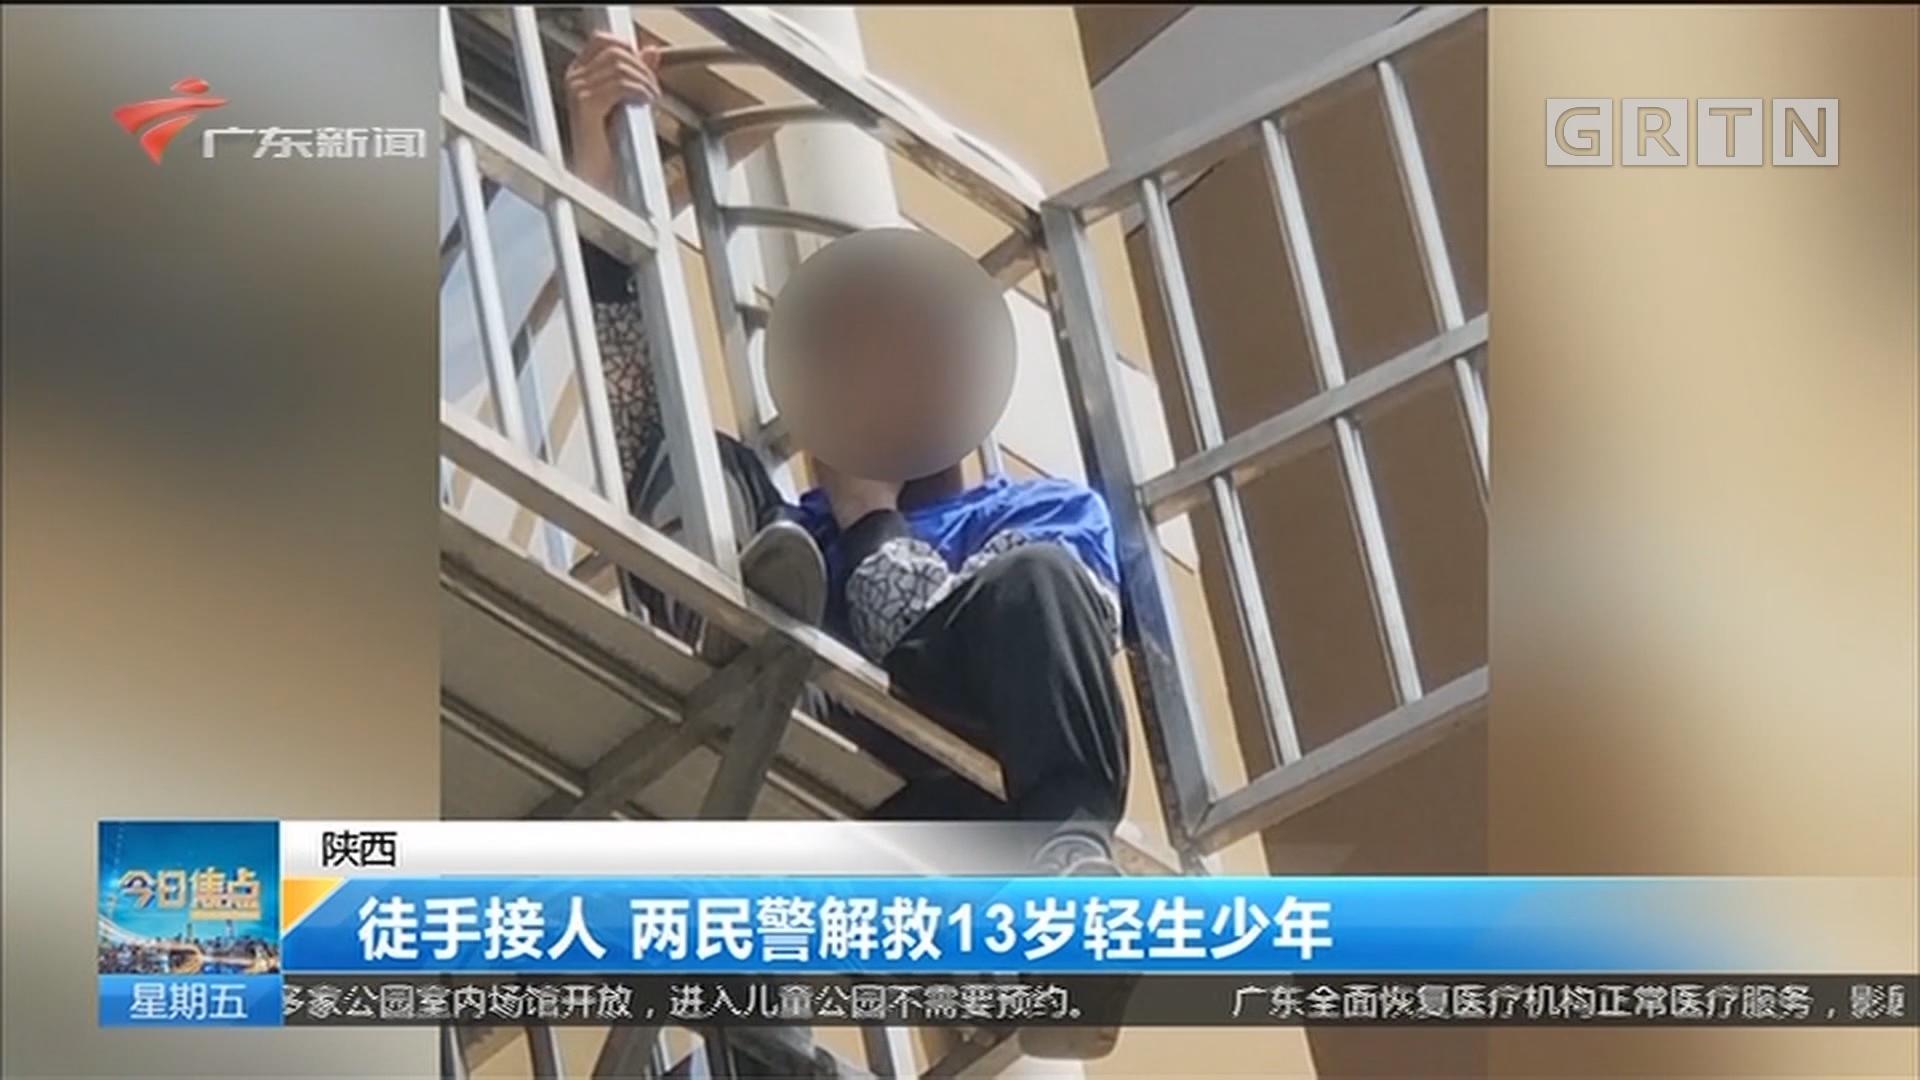 陕西:徒手接人 两民警解救13岁轻生少年